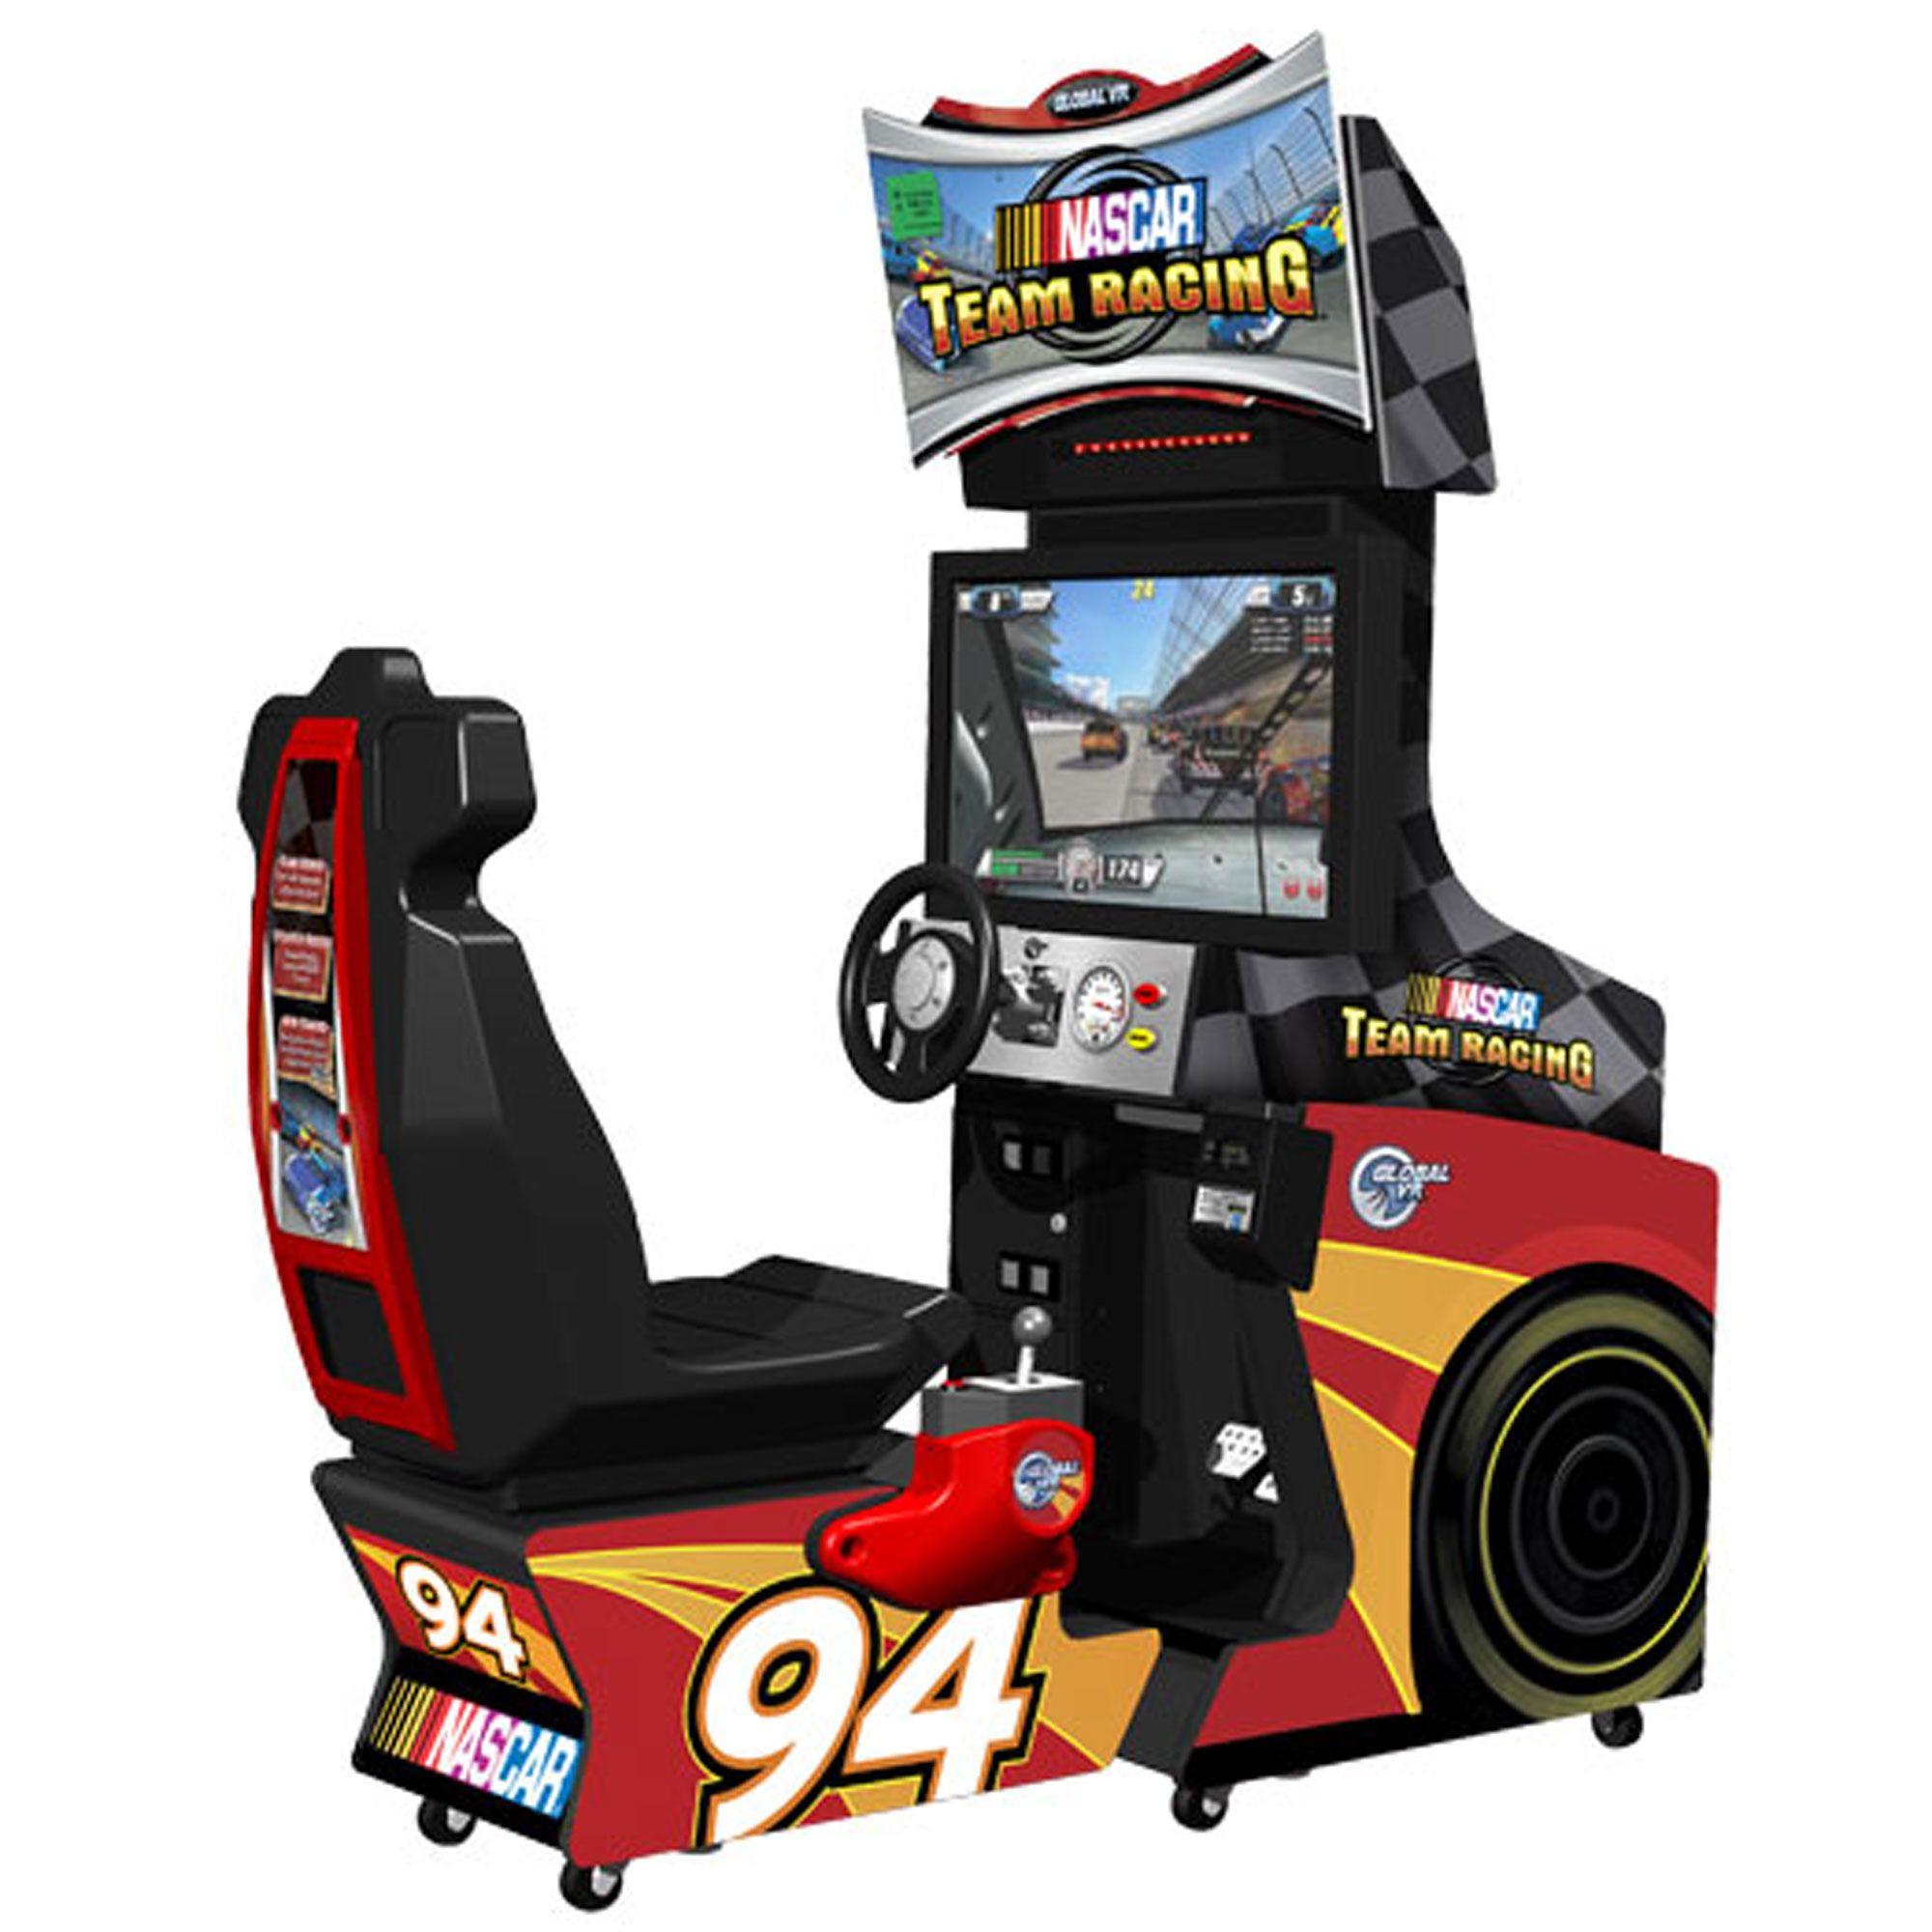 NASCAR Racing, Nascar, Arcade